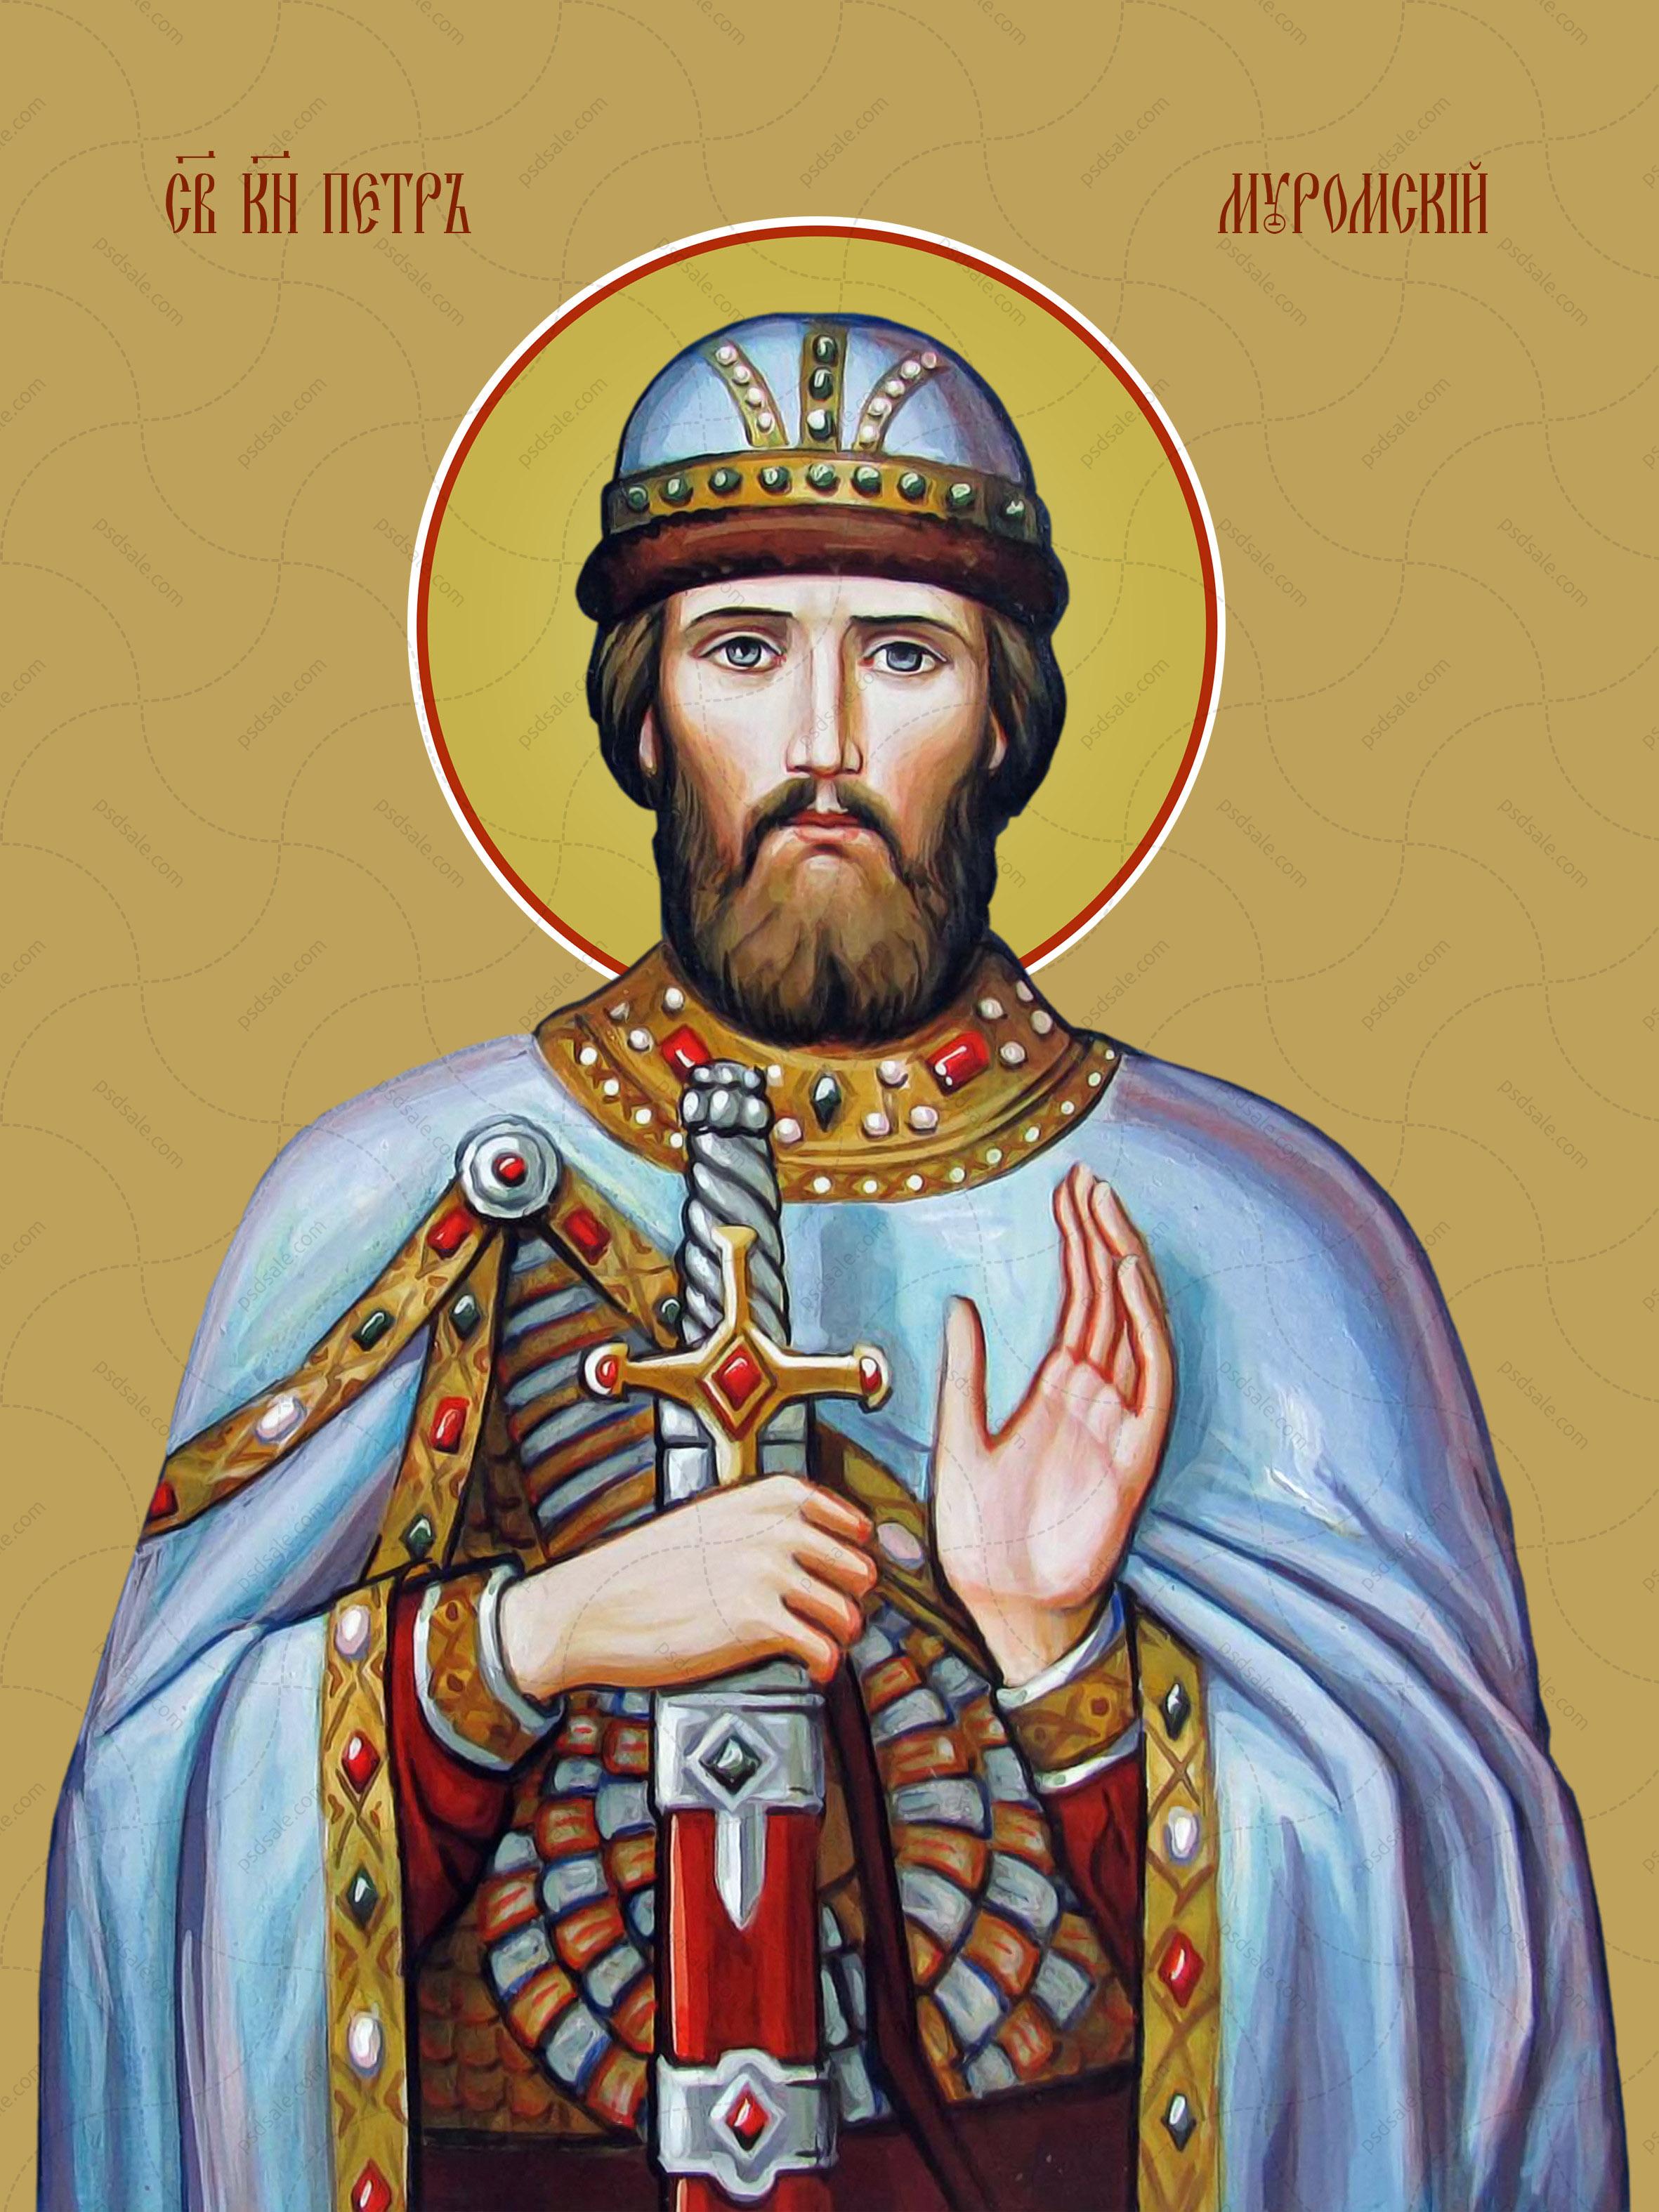 Картинки князей муромских